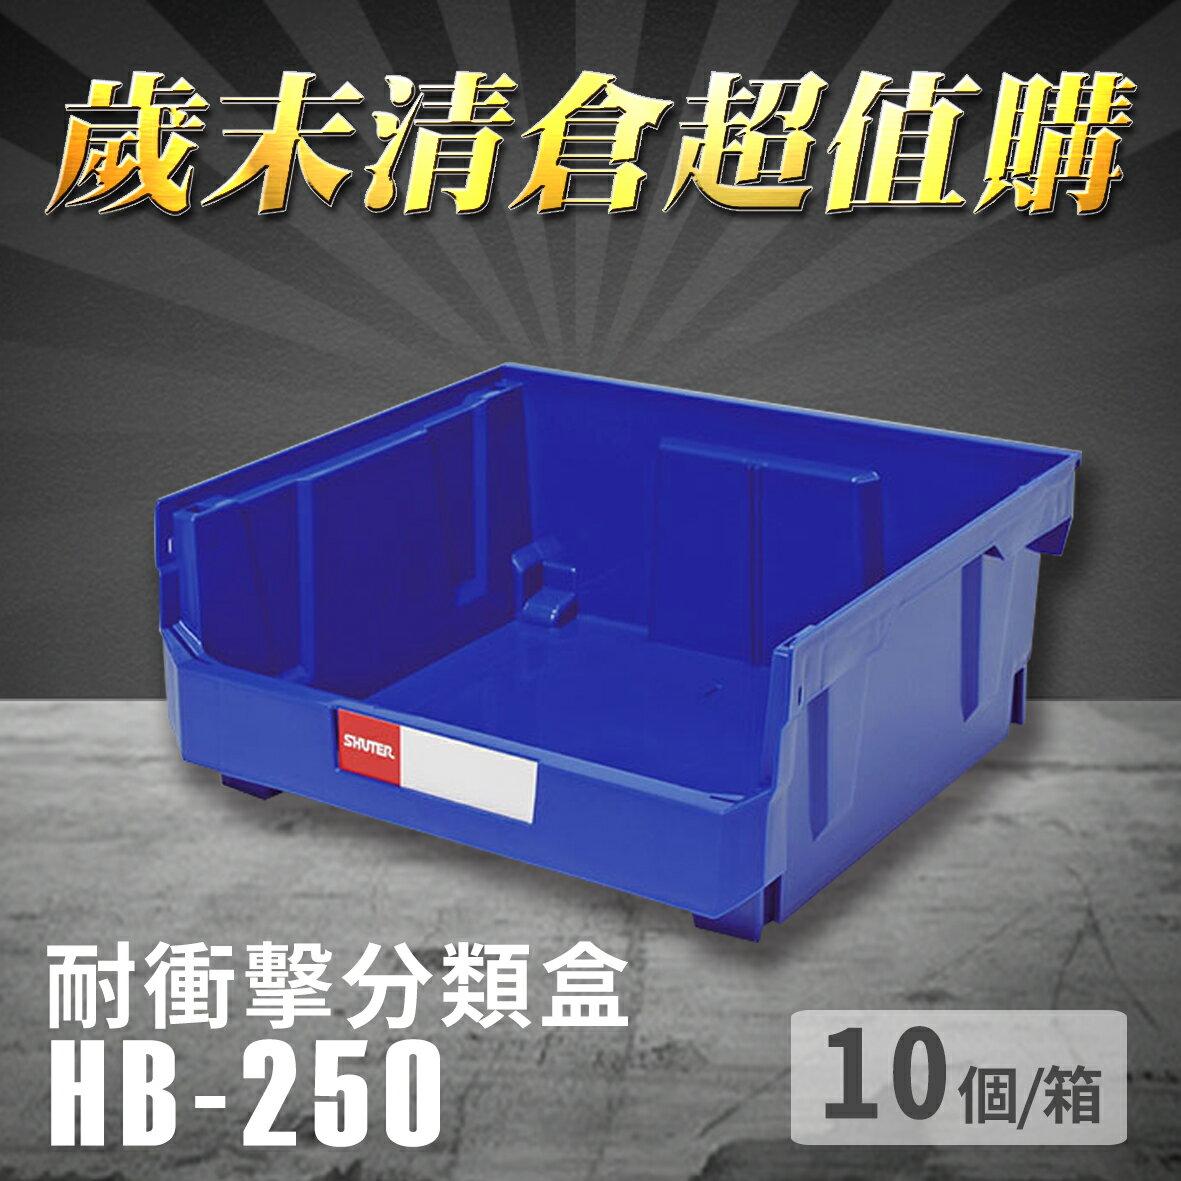 【耐衝擊分類整理盒】 耐衝擊 抽屜櫃 工具箱 工具盒 零件盒 樹德 HB-250 (10個/箱)